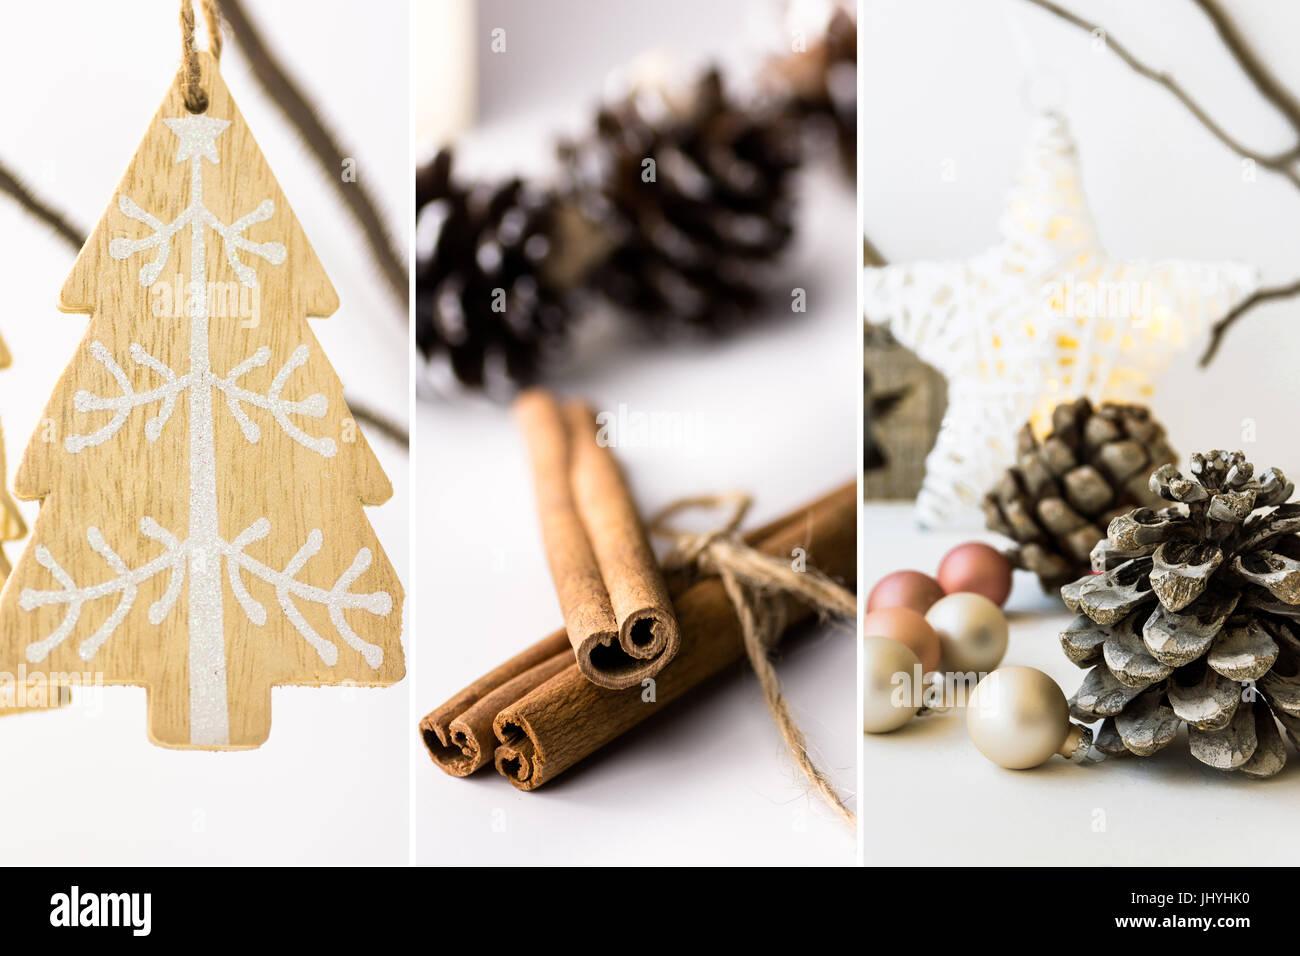 Foto Collage, Weiße Weihnachtsdekoration, Schmuck, Holz Tanne Hängen Zweig,  Zimt, Kugeln, Zapfen, Sterne, Lichter, Skandinavisch, Nein